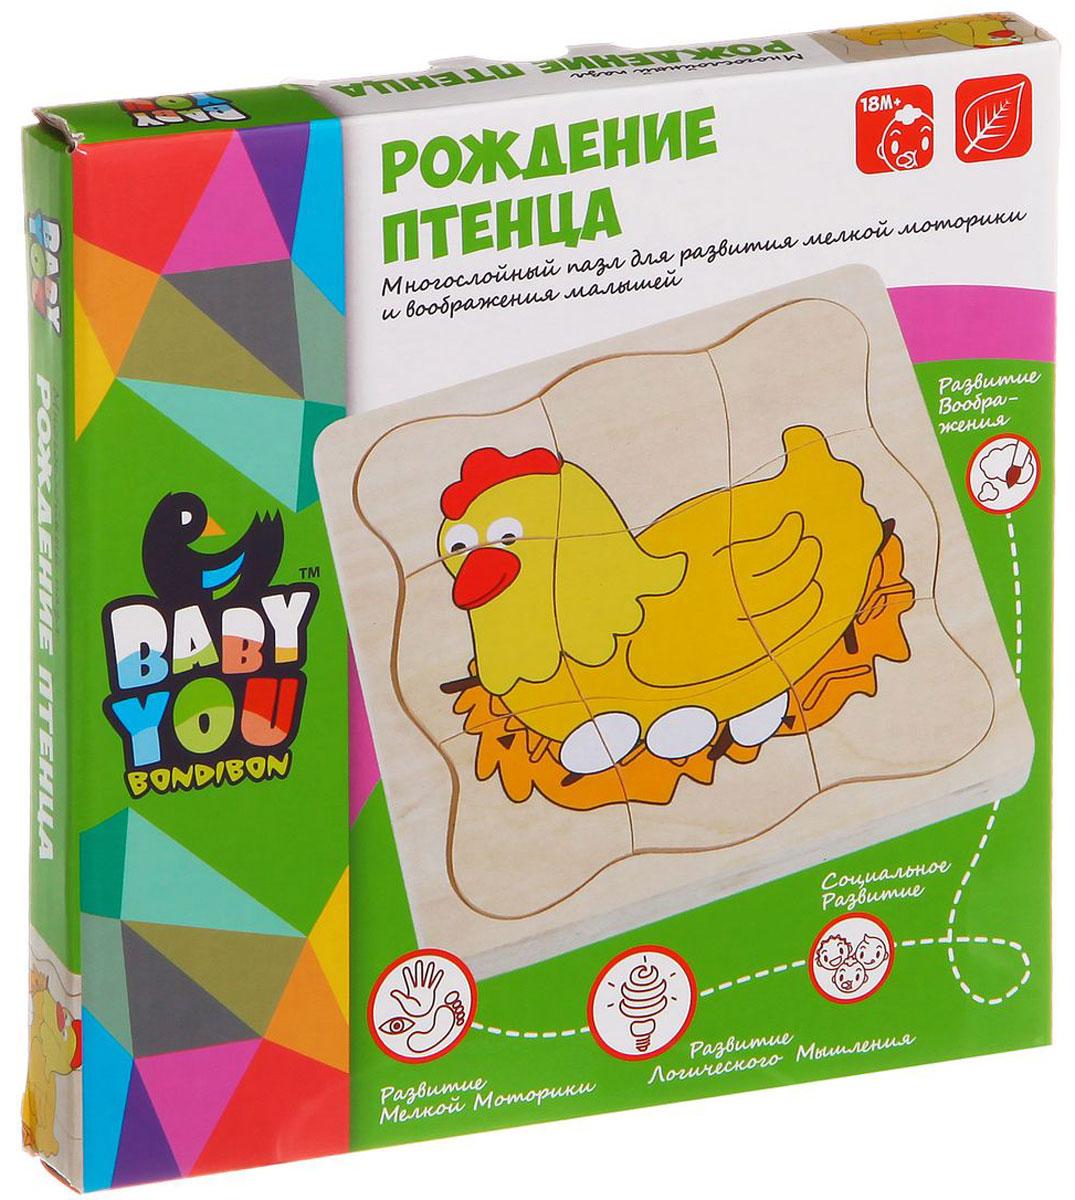 Bondibon Рамка-вкладыш Рождение птенцаВВ1106Мудрые родители выбирают для своих малышей игрушки, которые обучают малыша в процессе увлекательной игры, формируют его внутренний мир и не вредят здоровью. Деревянная развивающая игрушка Рождение птенца, детали которой сделаны из дерева, – это не просто яркий предмет, способный надолго увлечь ребенка, но и его первый учитель, рассказывающий о мире на интуитивно понятном крохе языке. Рамка с вкладышами совершенствует способность фиксировать взгляд на мелких предметах, знакомит с геометрическими фигурами и помогает на интуитивном уровне овладевать умением обобщать и сортировать предметы на основе их сходства или различия по форме.